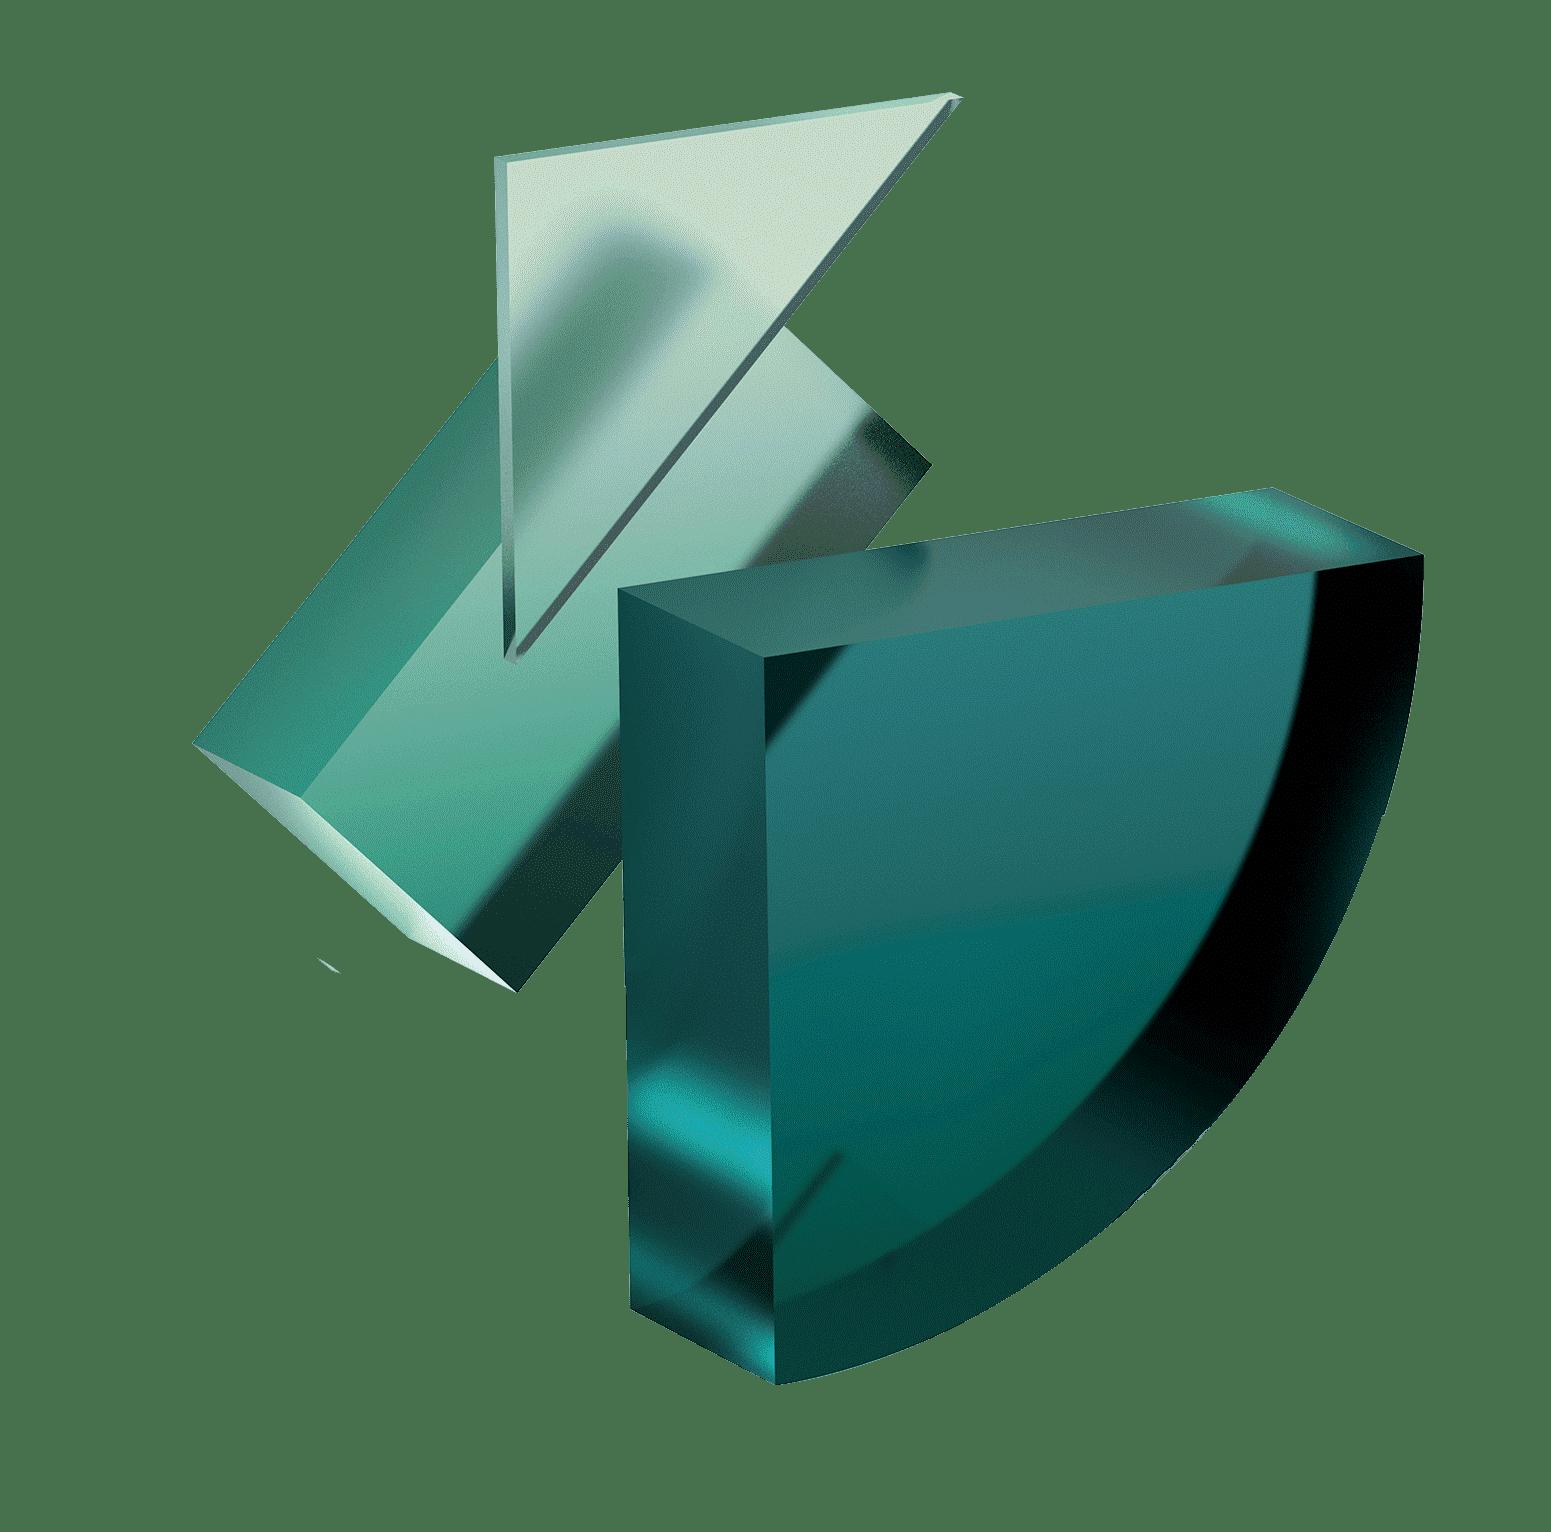 Shapes, Green, 3D